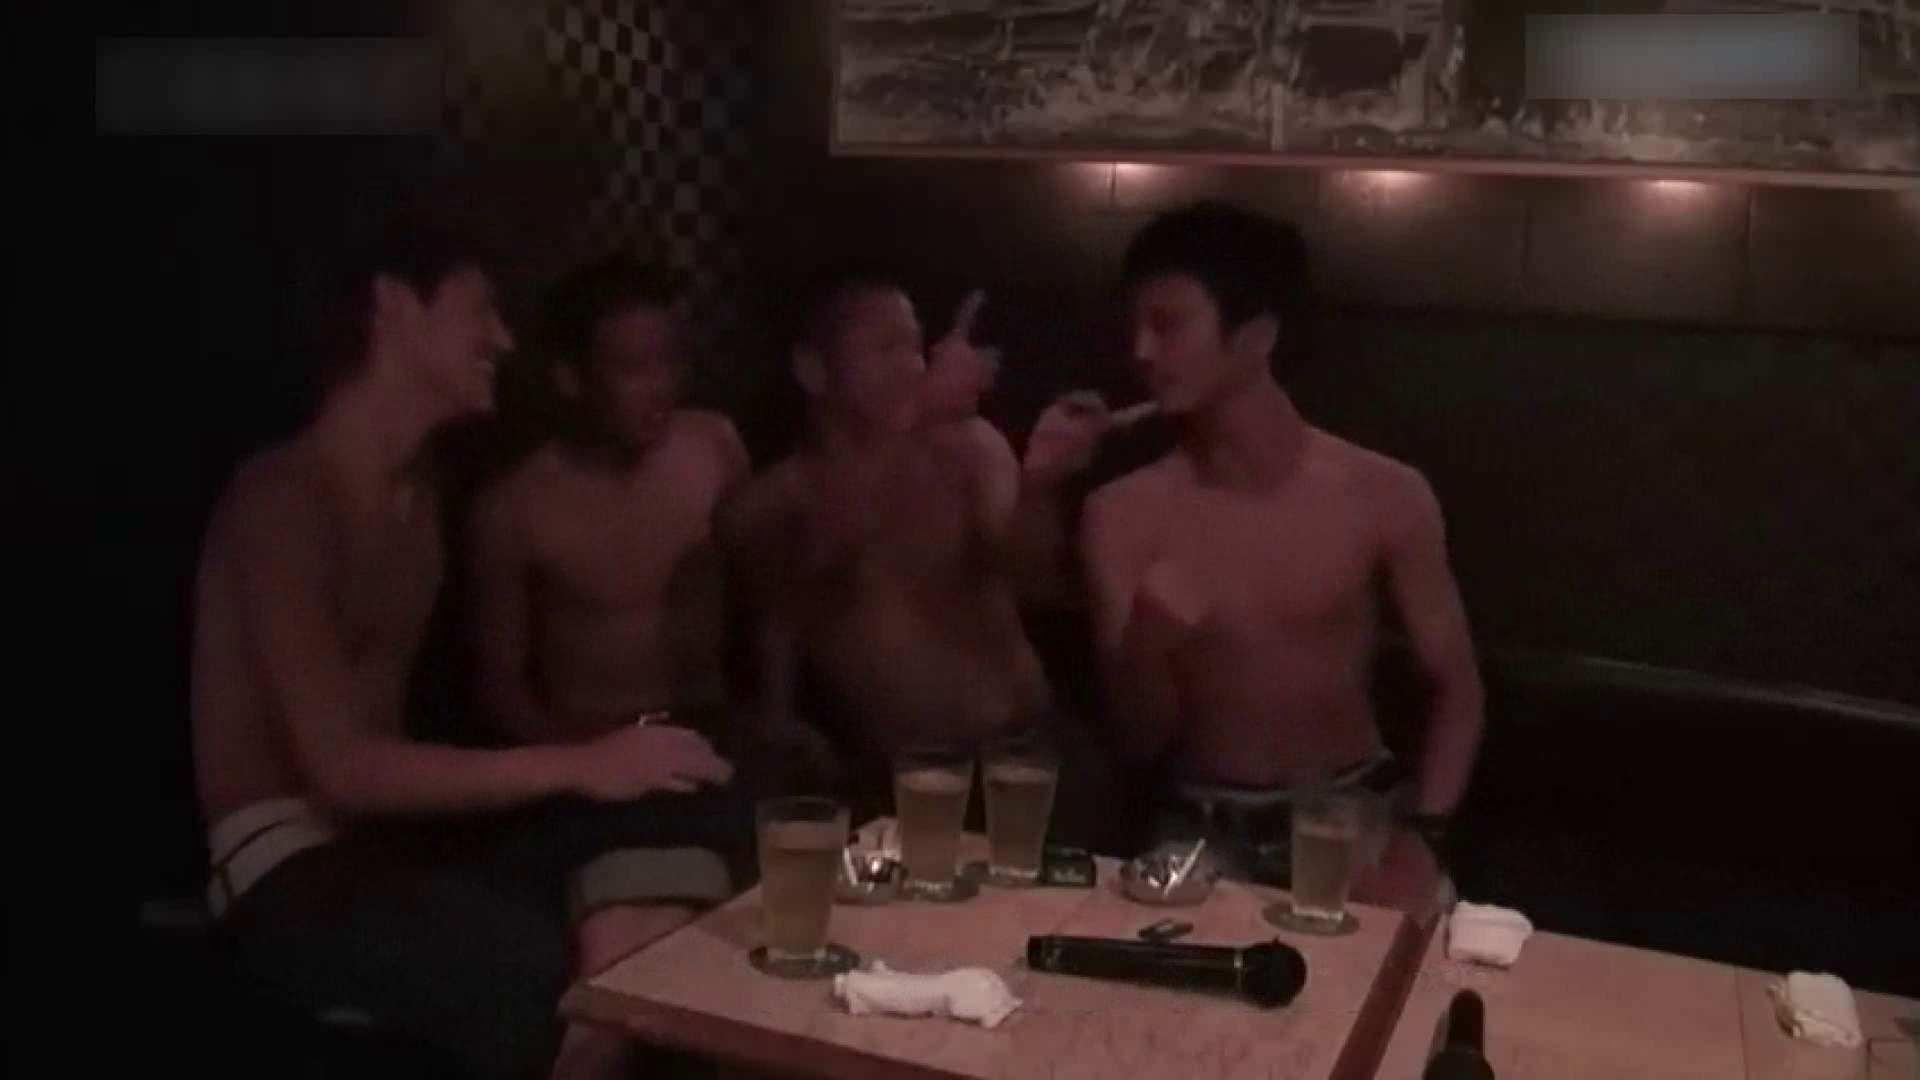 ゲイ アナル|そいやっ!みんな集まれゲイ大会!|ハメ撮り